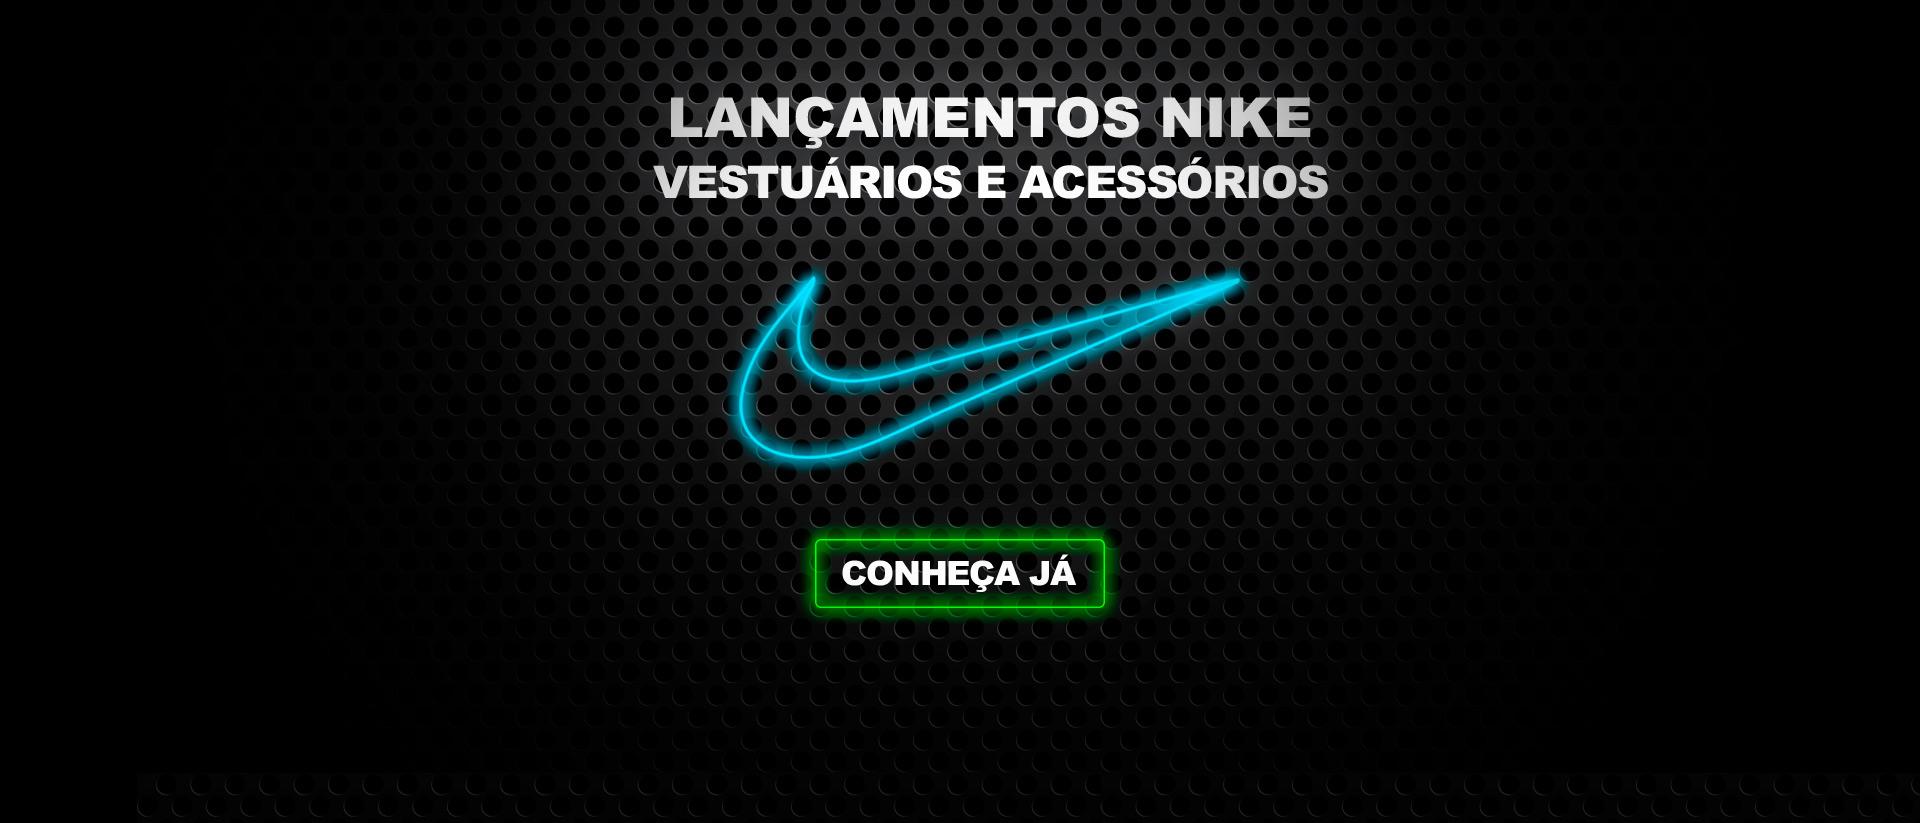 Lançamentos Nike